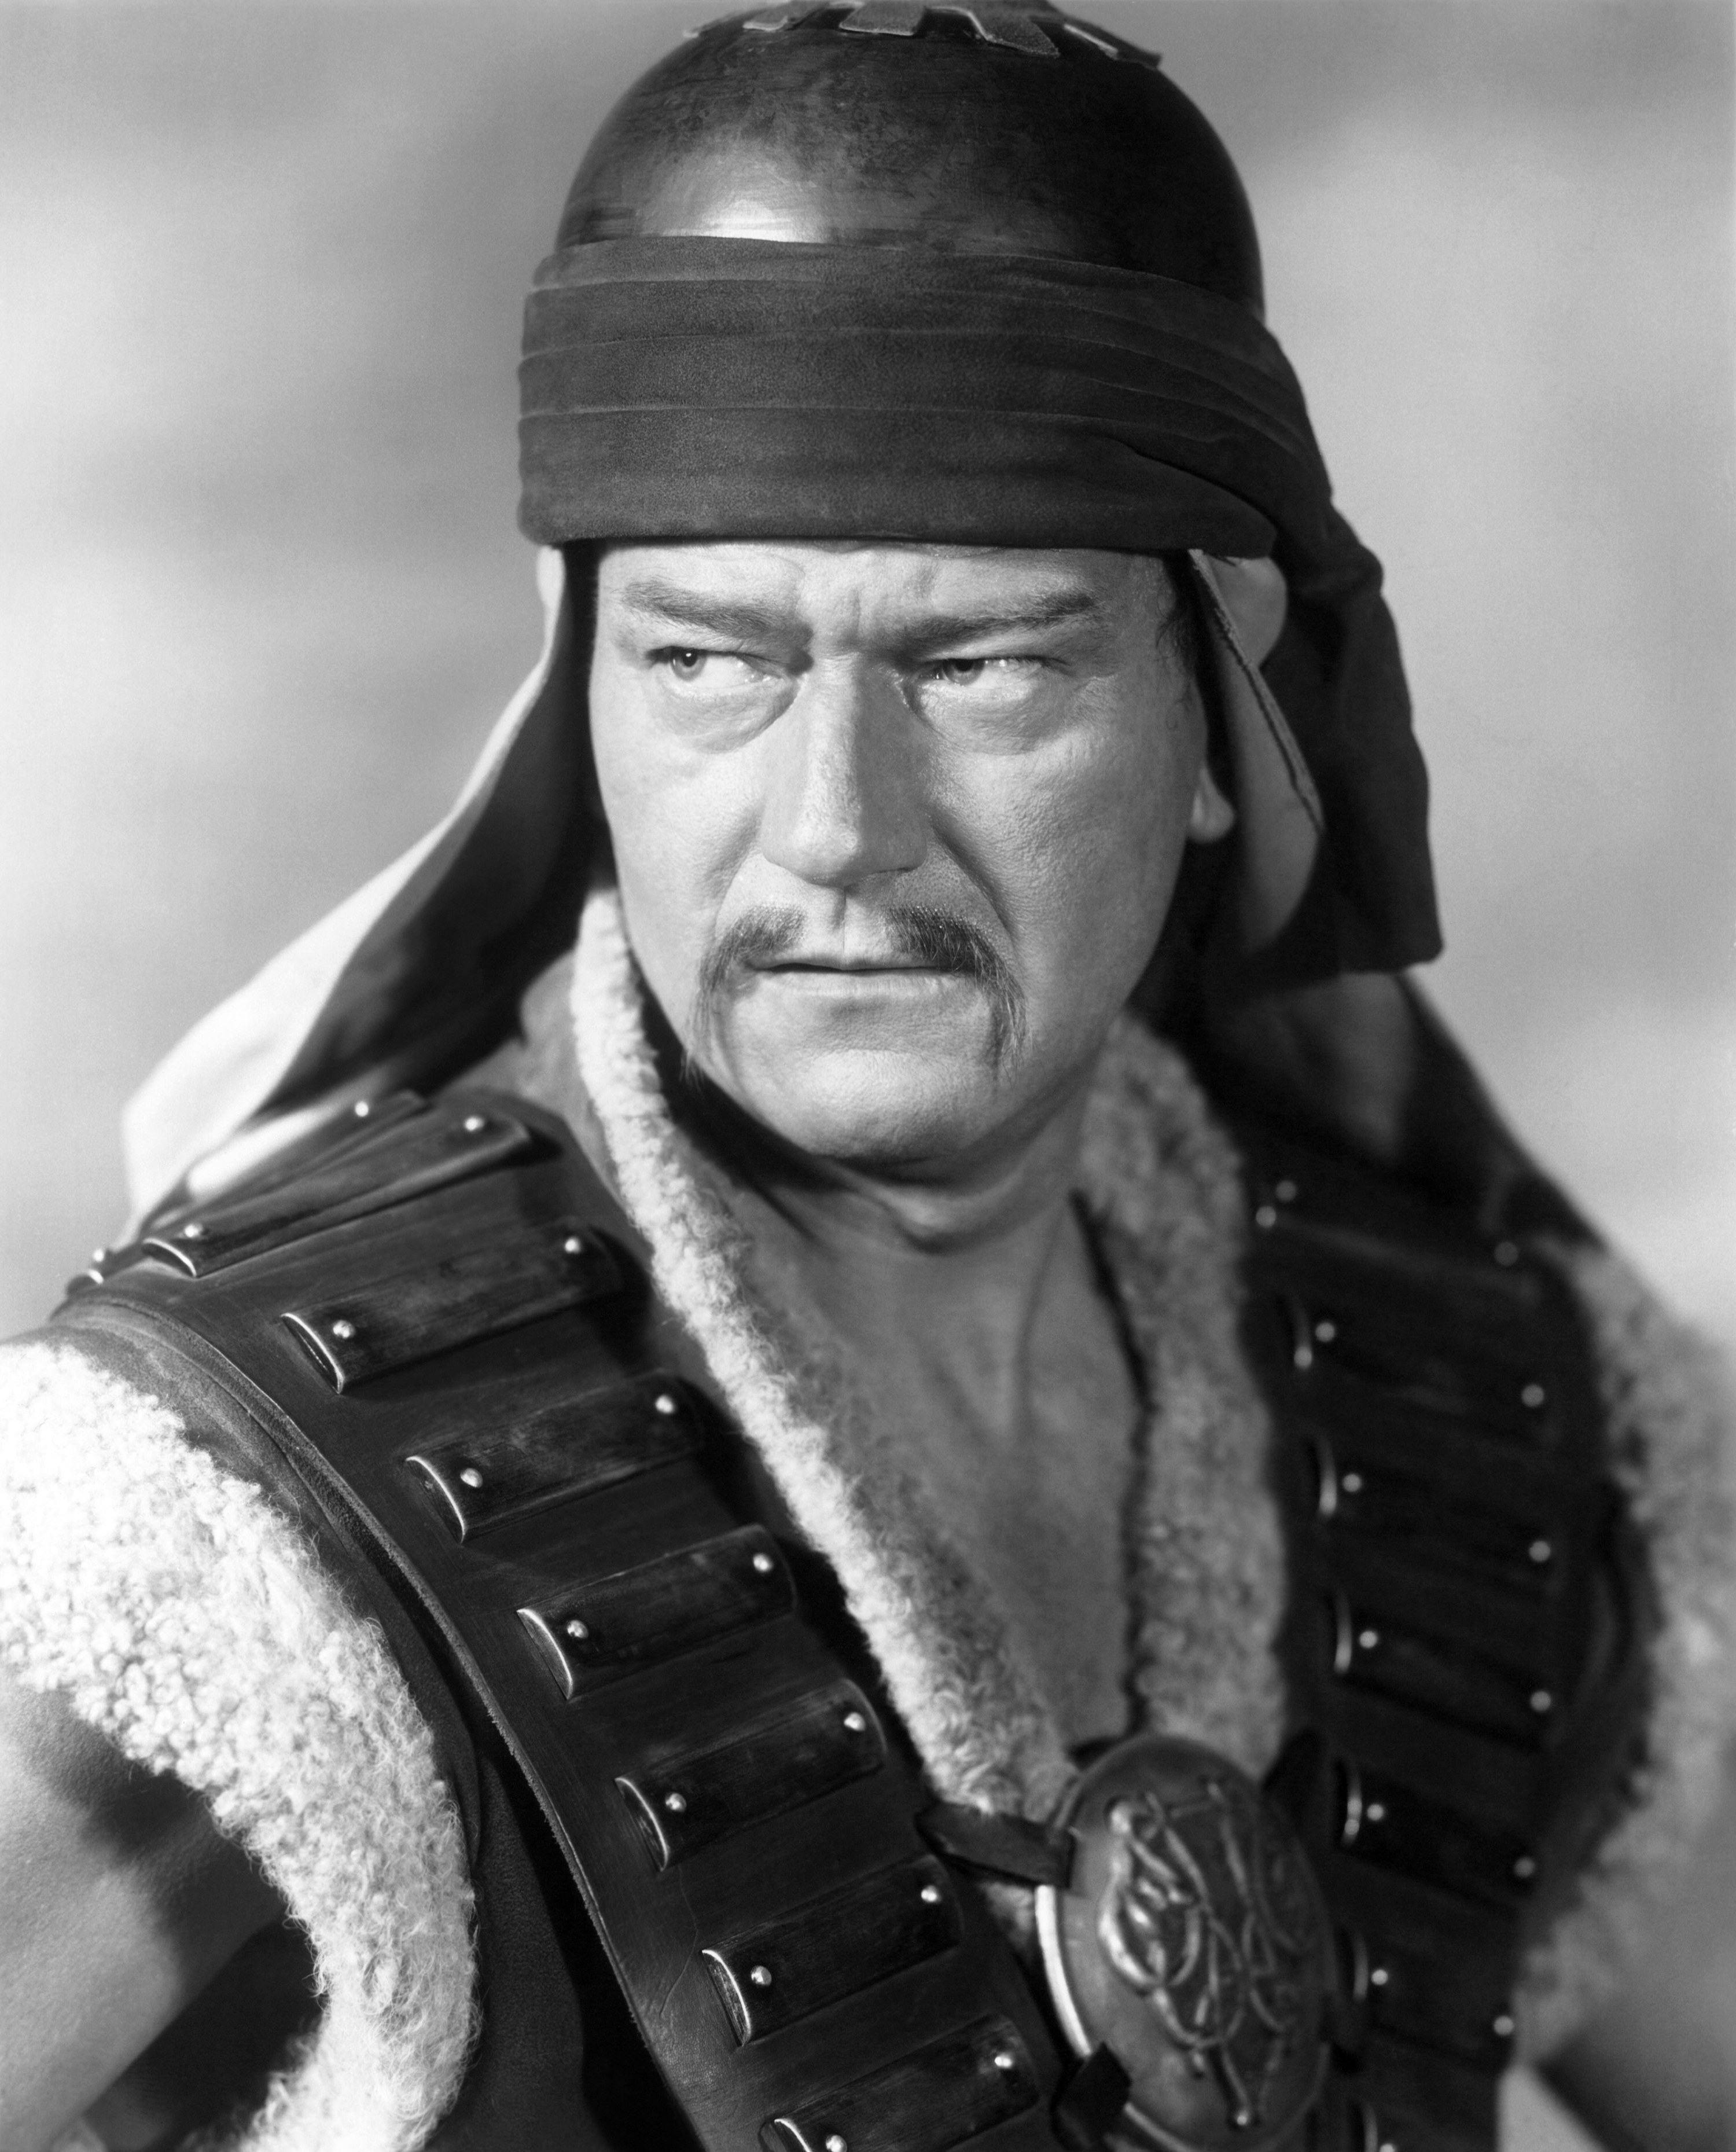 John Wayne is dressed up as Genghis Khan in a helmet and vest